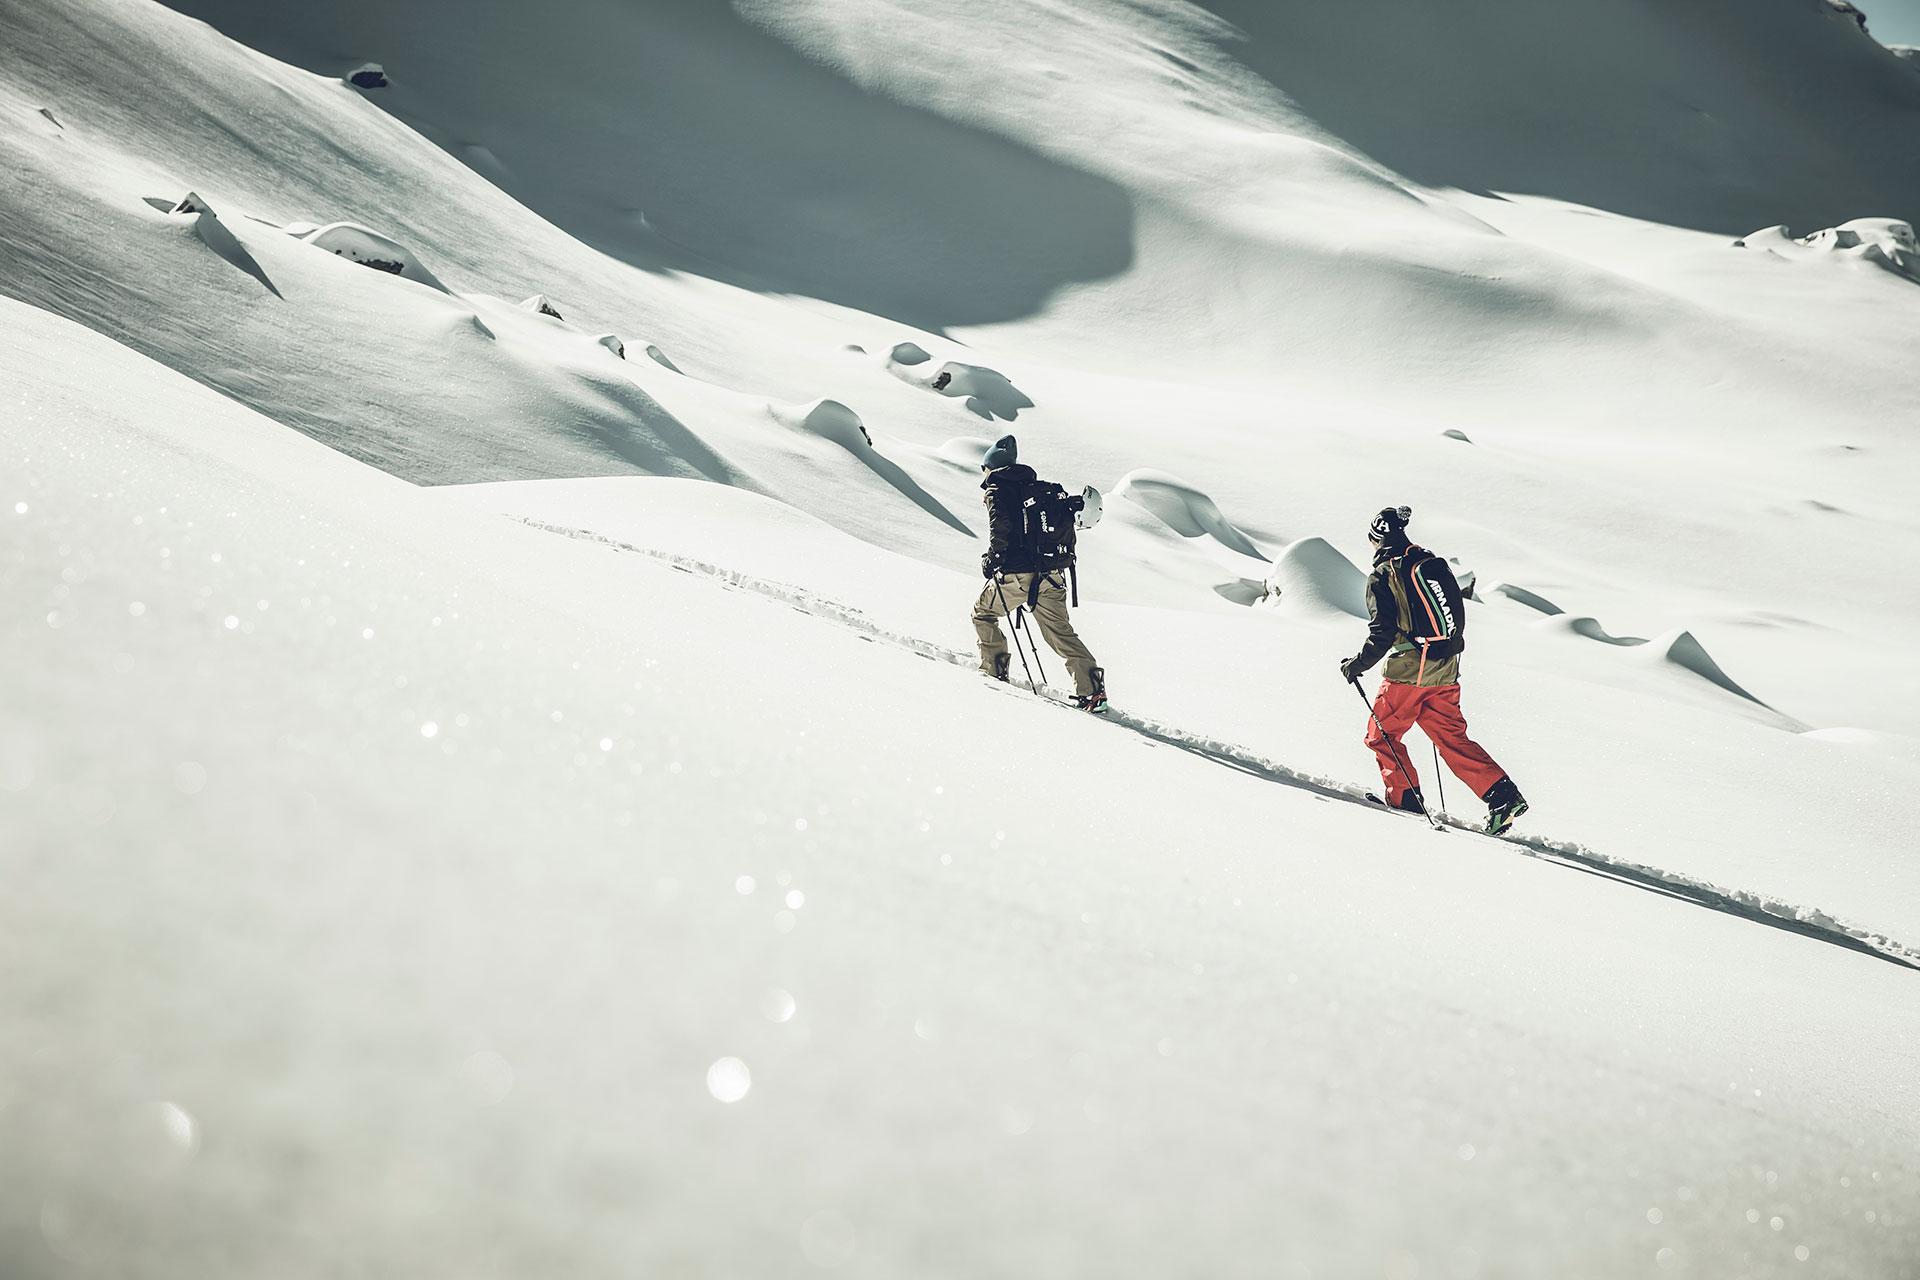 Fotograf Wintersport Skitour Tiefschnee Powder Outdoor Berlin Michael Müller Deutschland